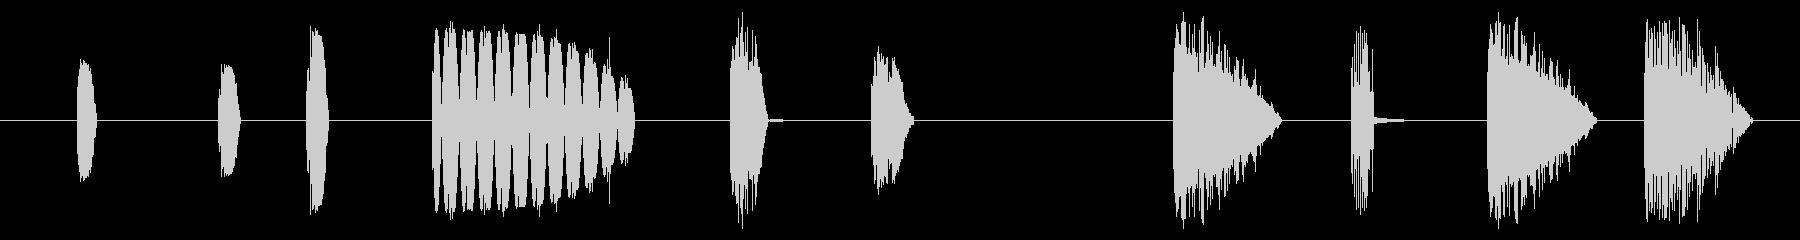 フィクション スペース 小さなワー...の未再生の波形